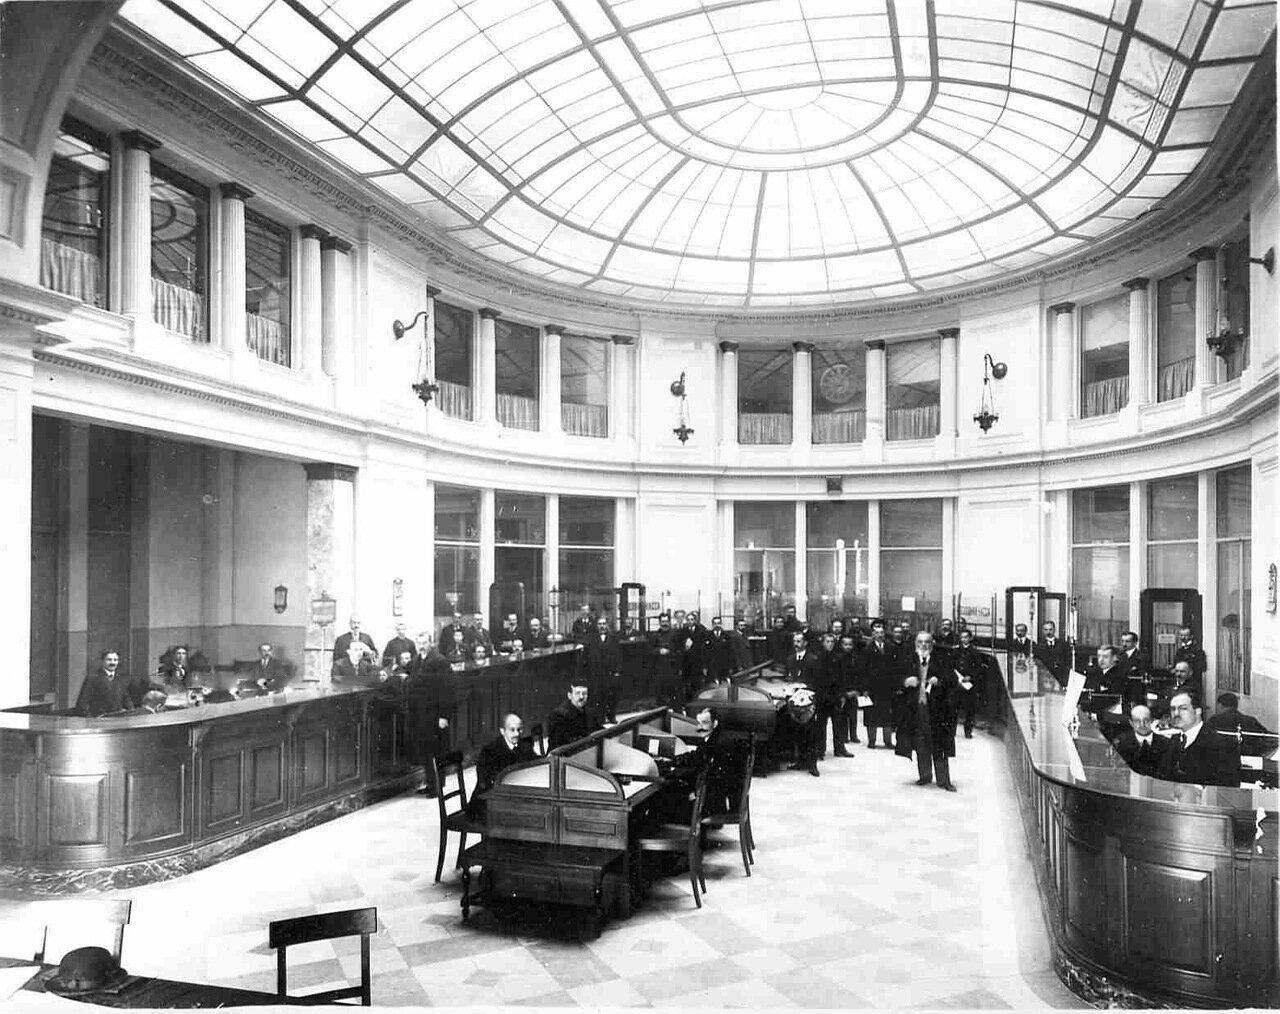 08. Операционный зал в часы работы. Сбор в пользу войны. 1914